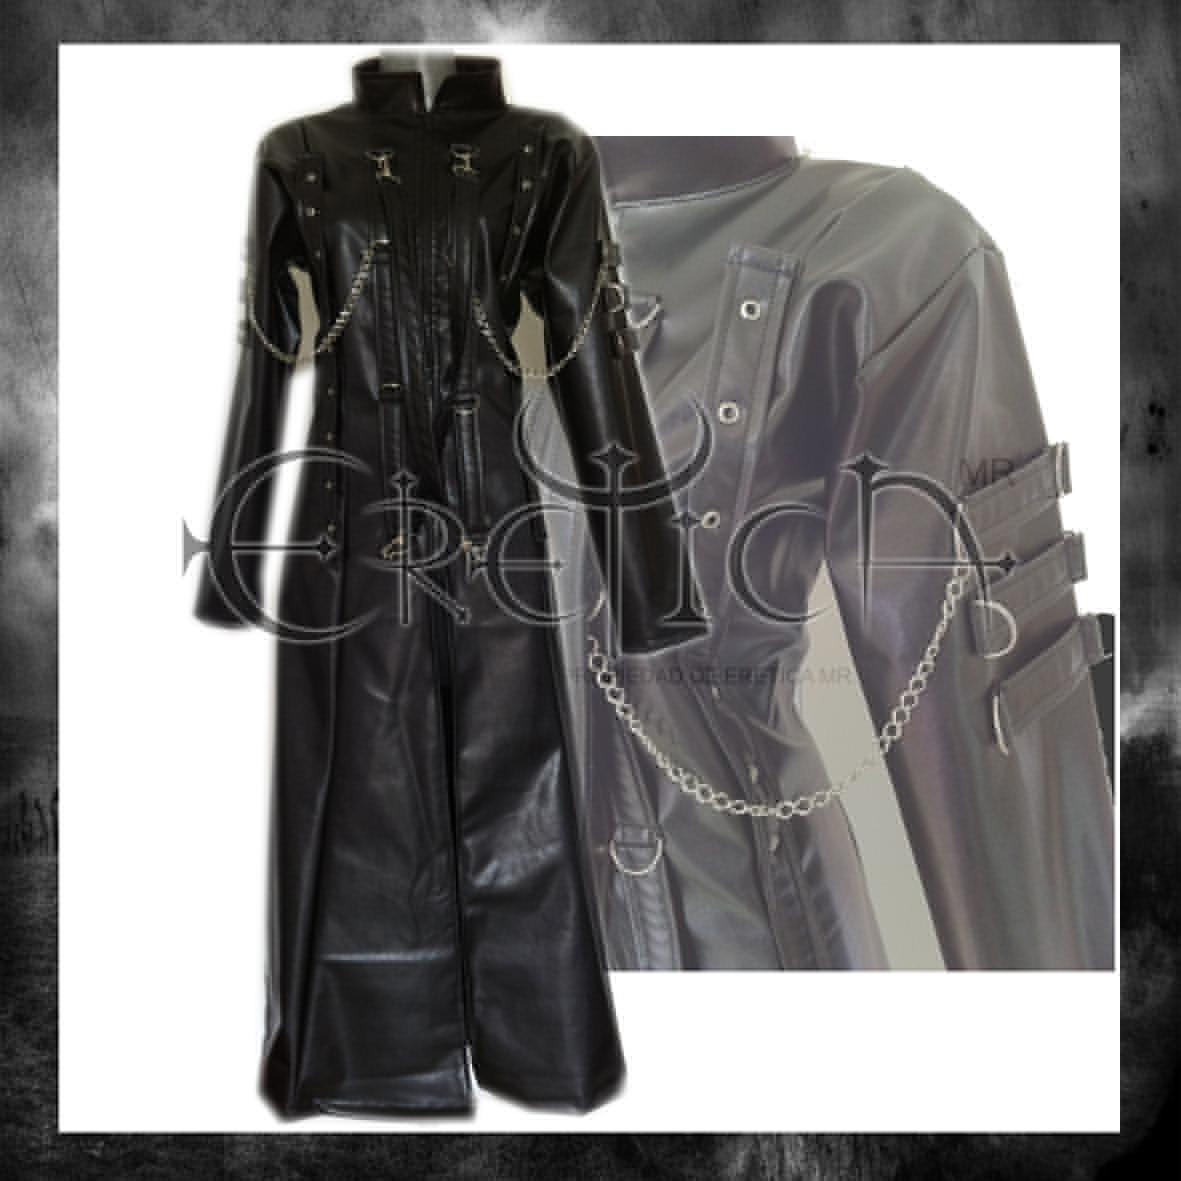 b4347cd10f14d eretica ropa dark- gabardina vinipiel tiras cadenas-gotico. Cargando zoom.